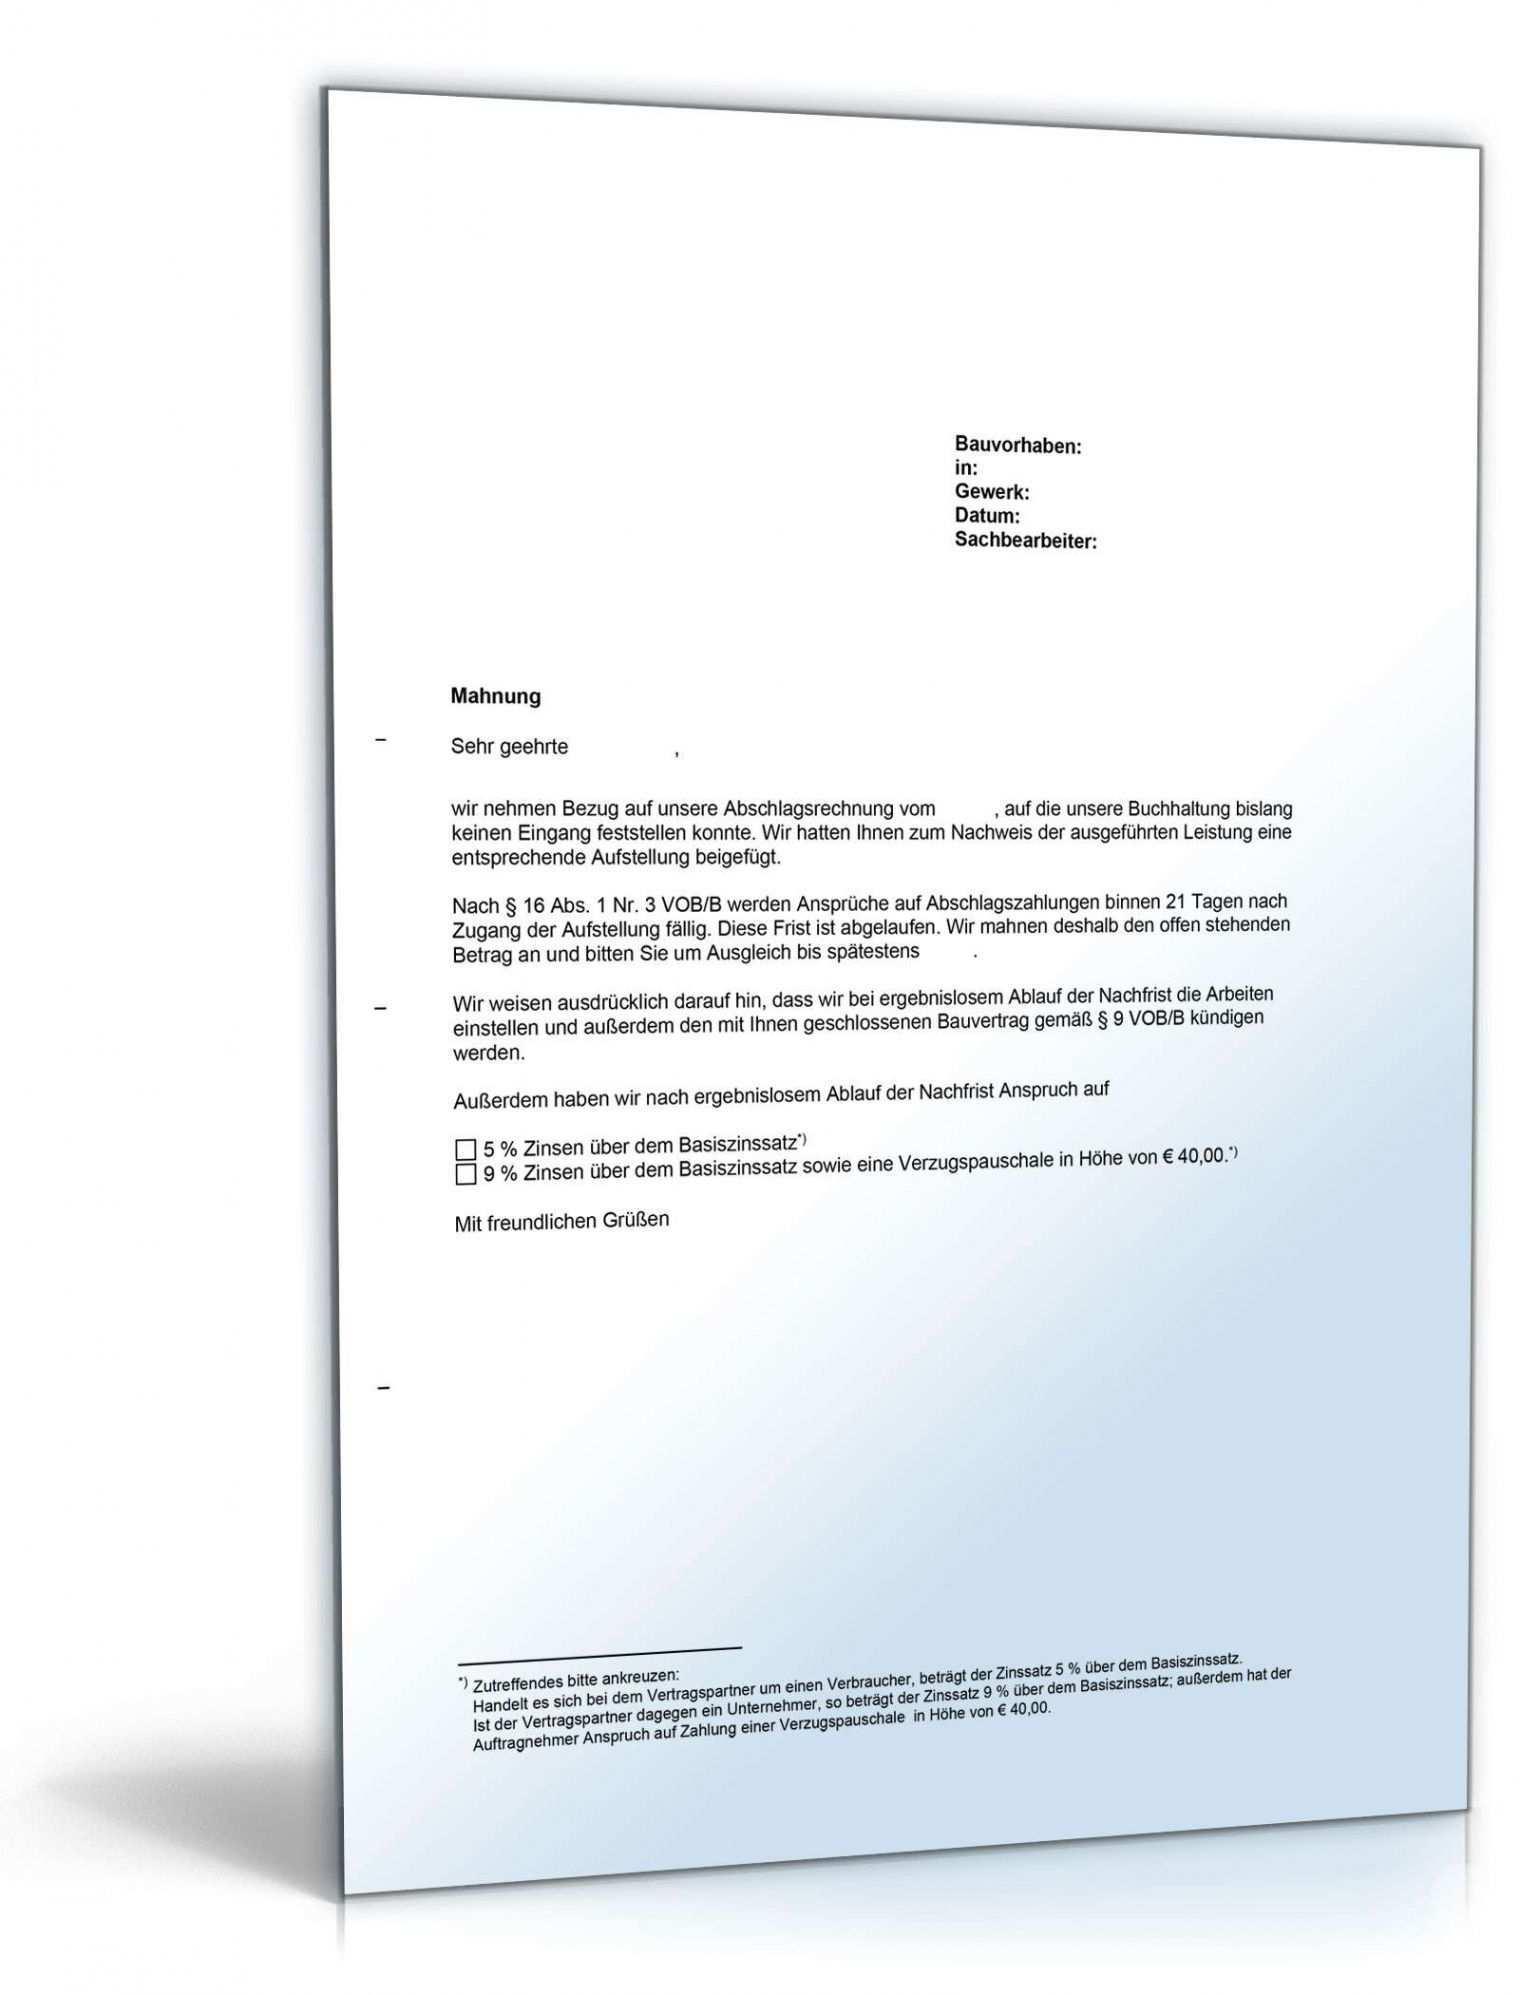 Blattern Unsere Das Image Von Abschlagszahlung Rechnung Vorlage Rechnung Vorlage Rechnungsvorlage Vorlagen